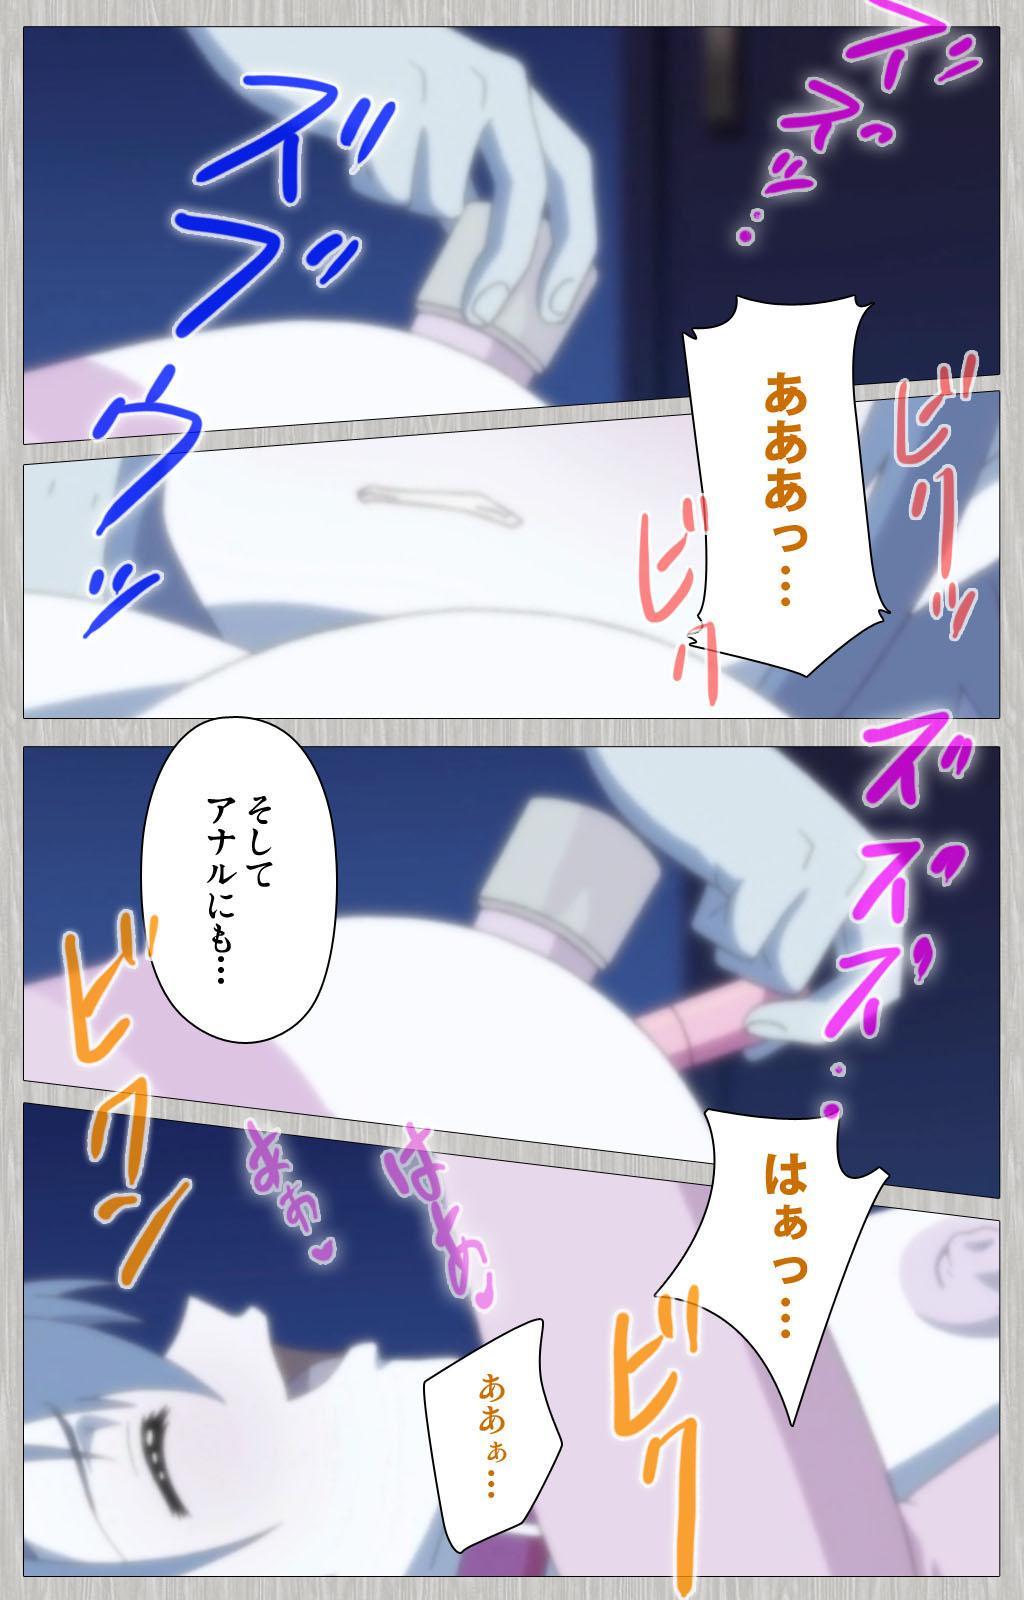 Tsuma no haha Sayuri Kanzenban 212